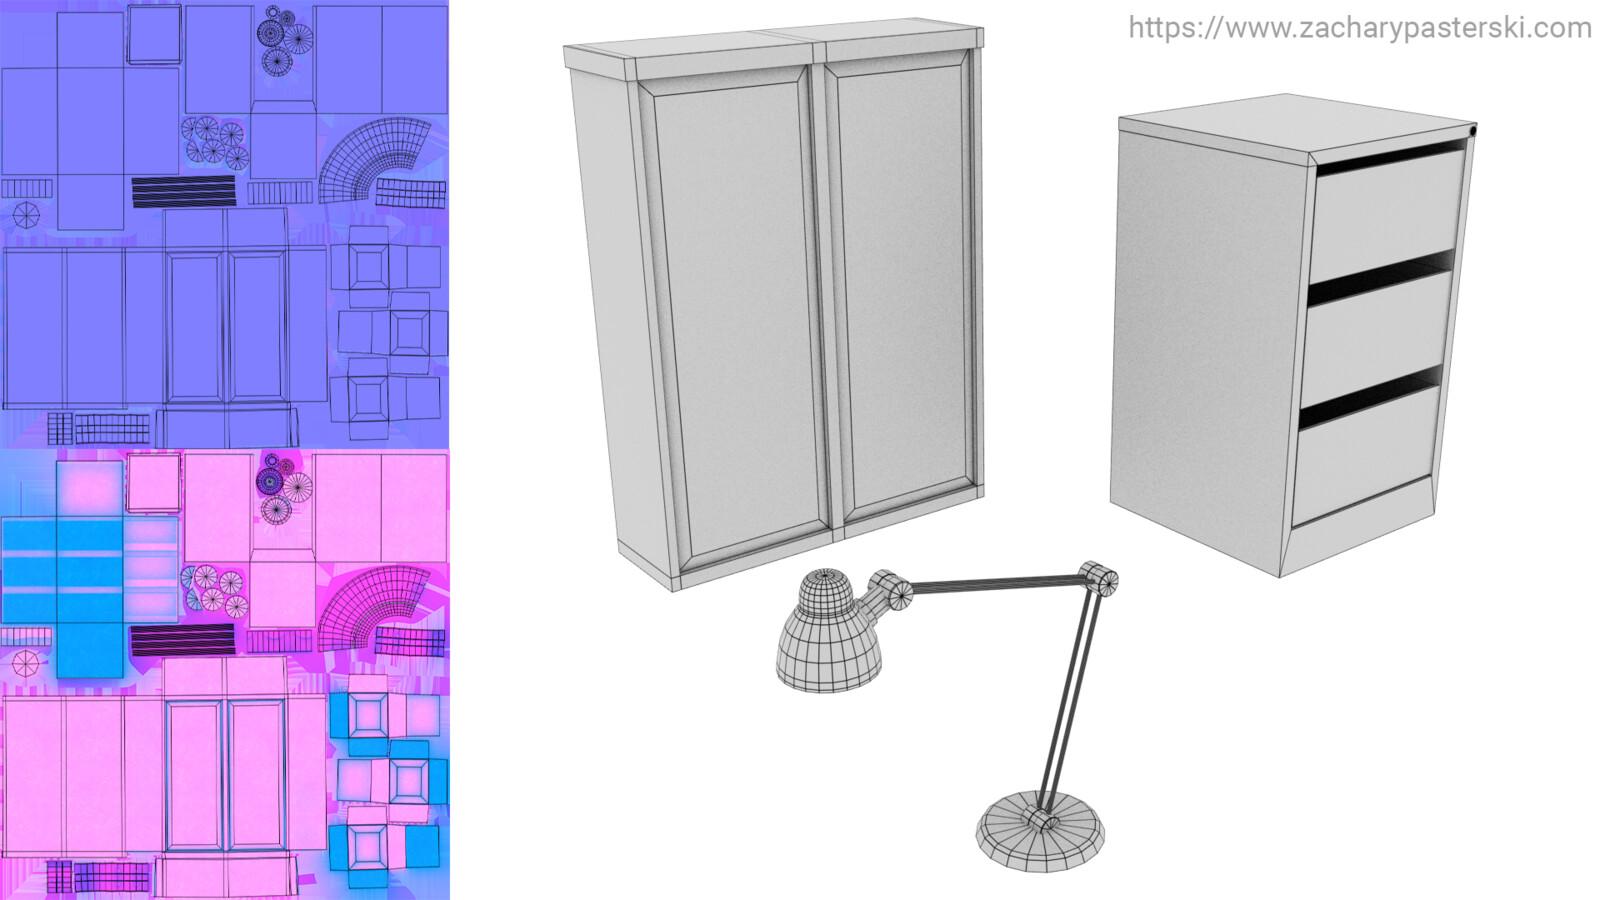 texture breakdown: metal objects